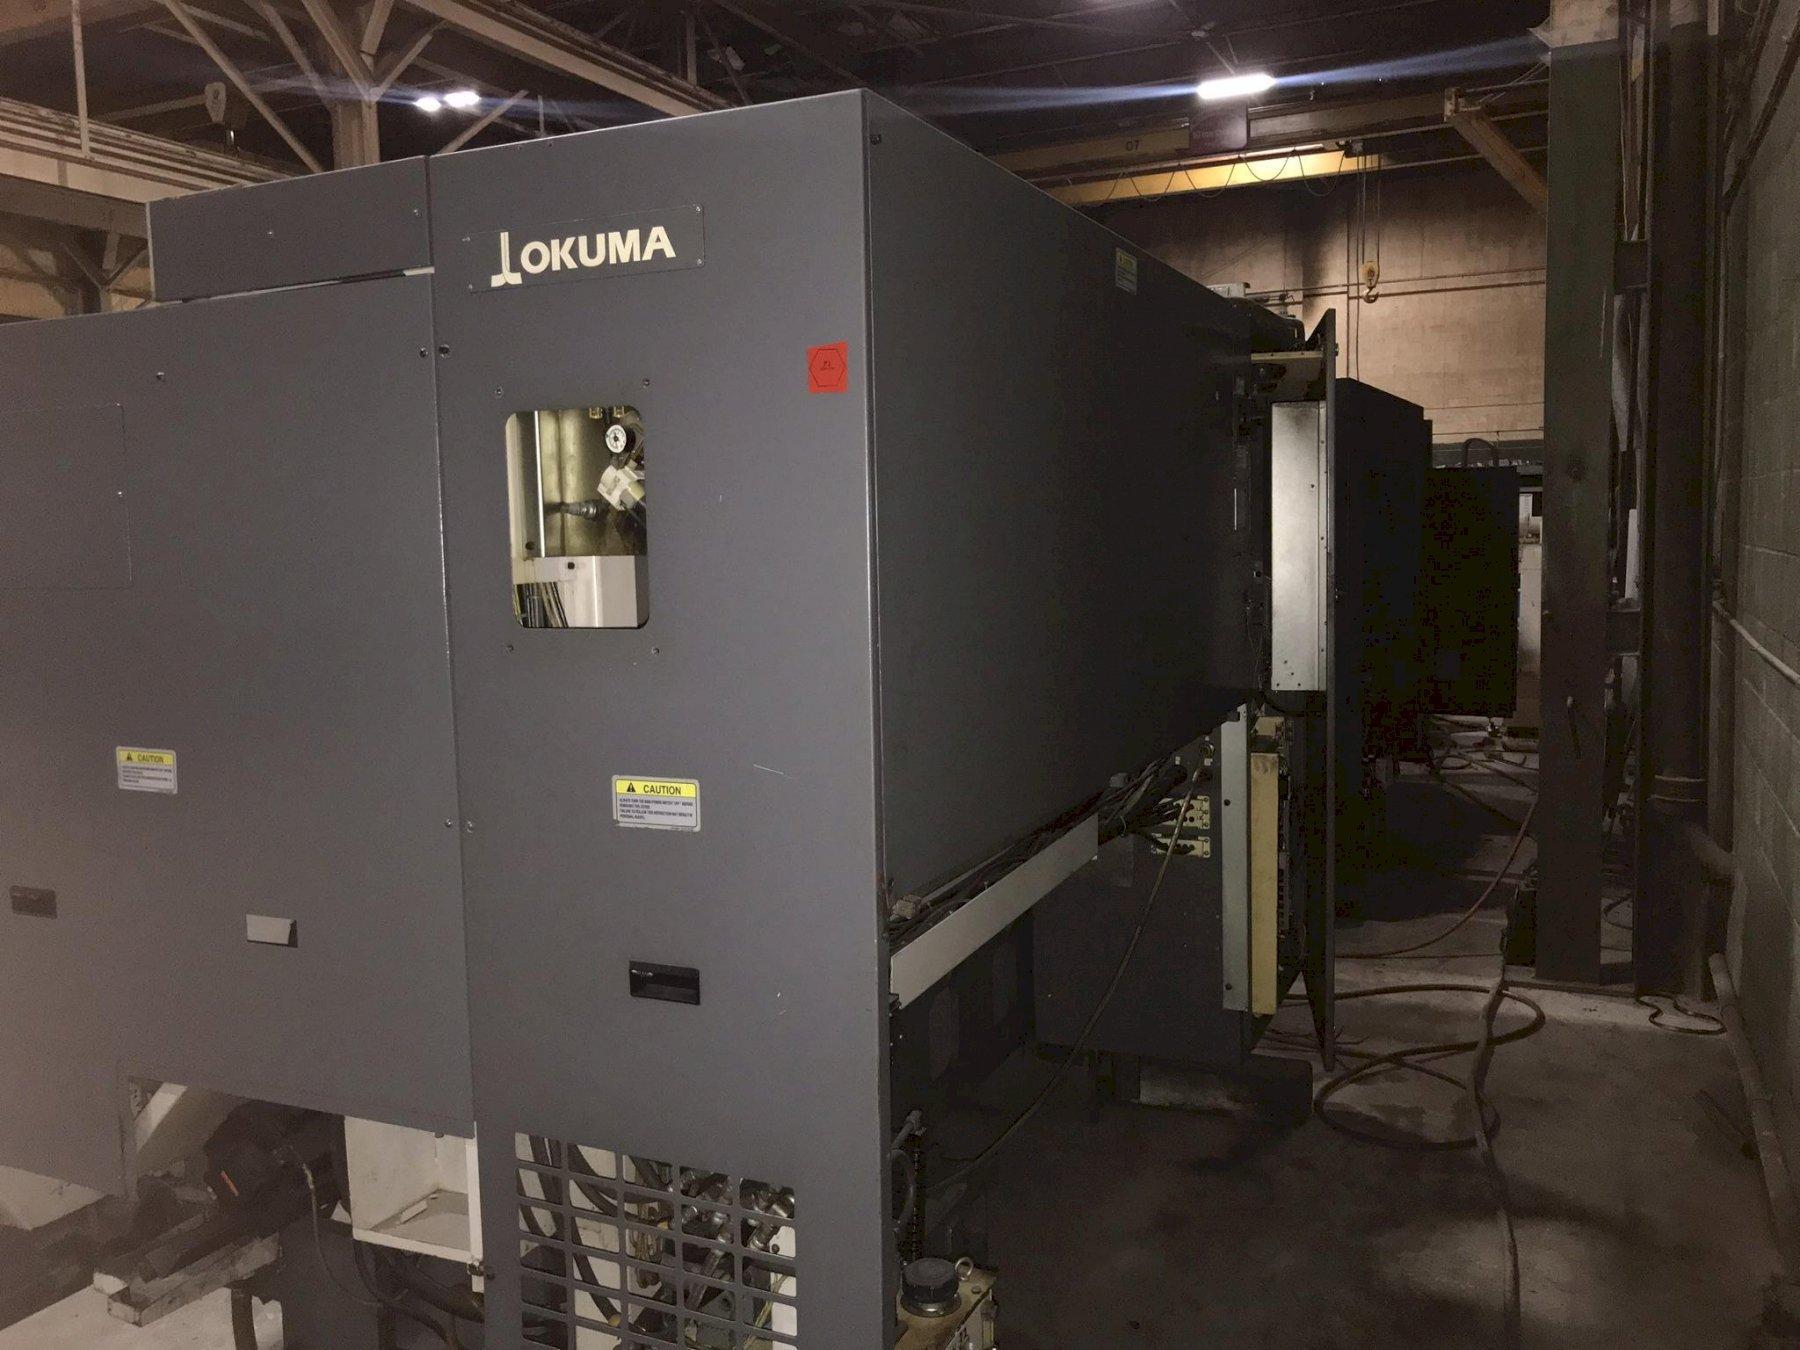 Okuma LU-300